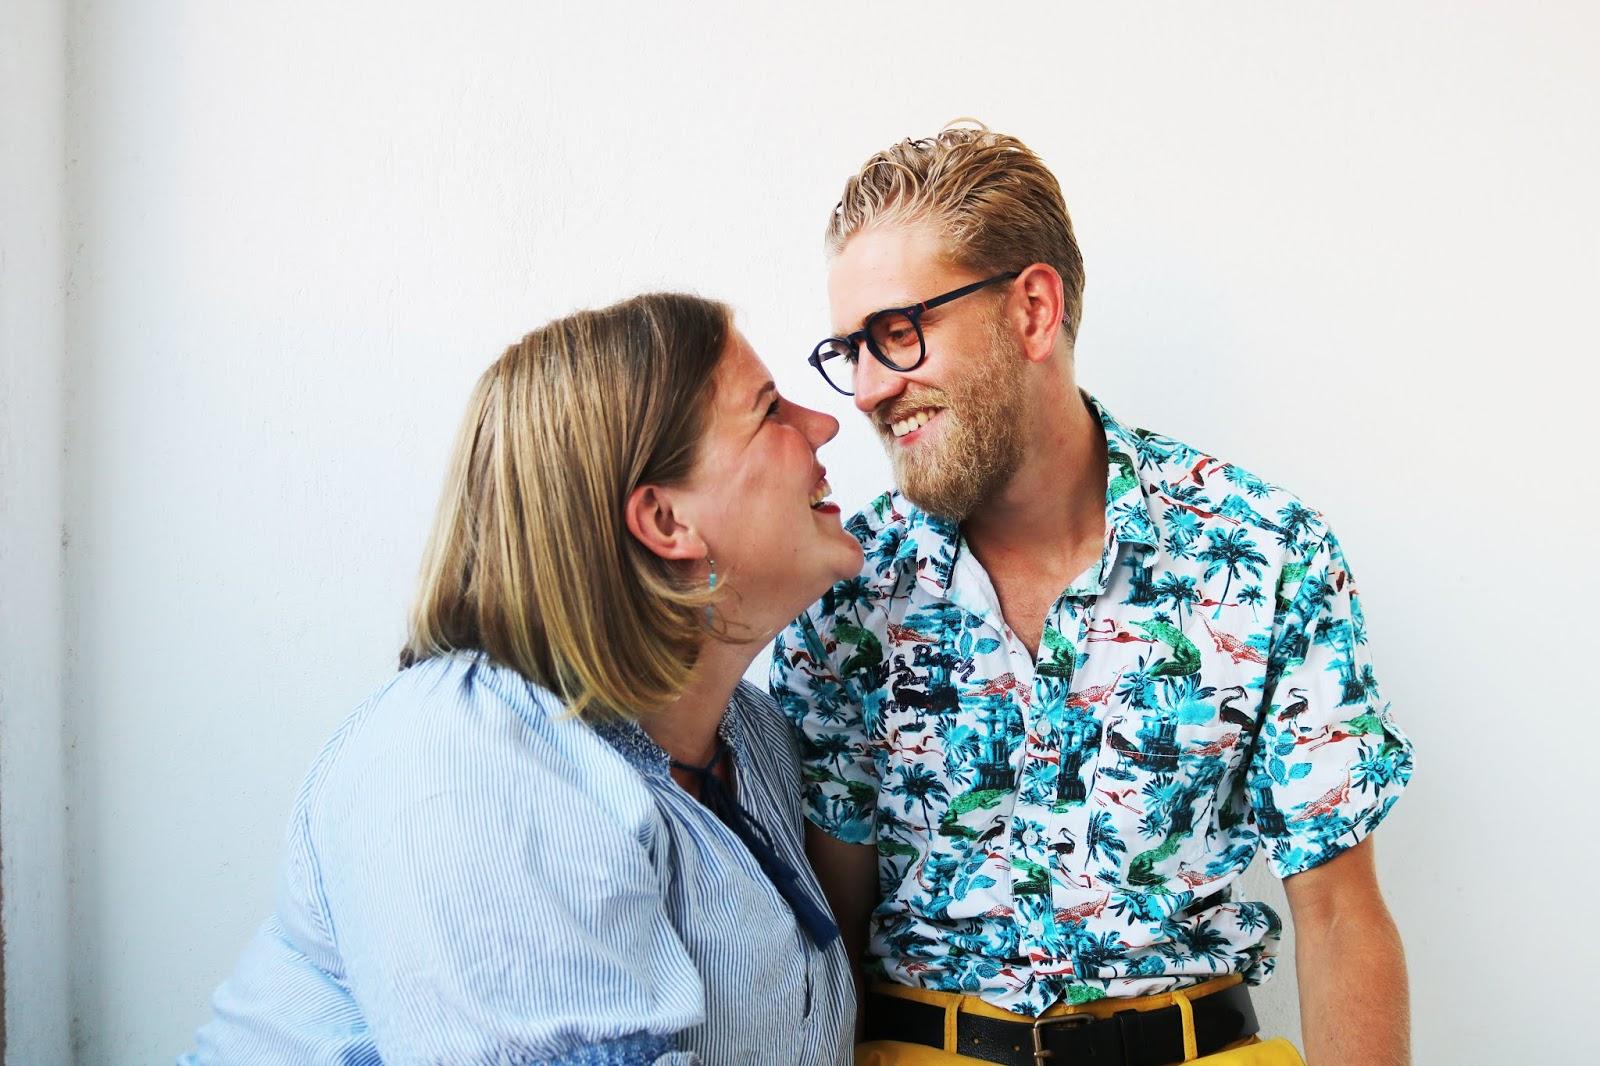 Bijzondere vragen die je kunt inzetten voor een diepgaand gesprek